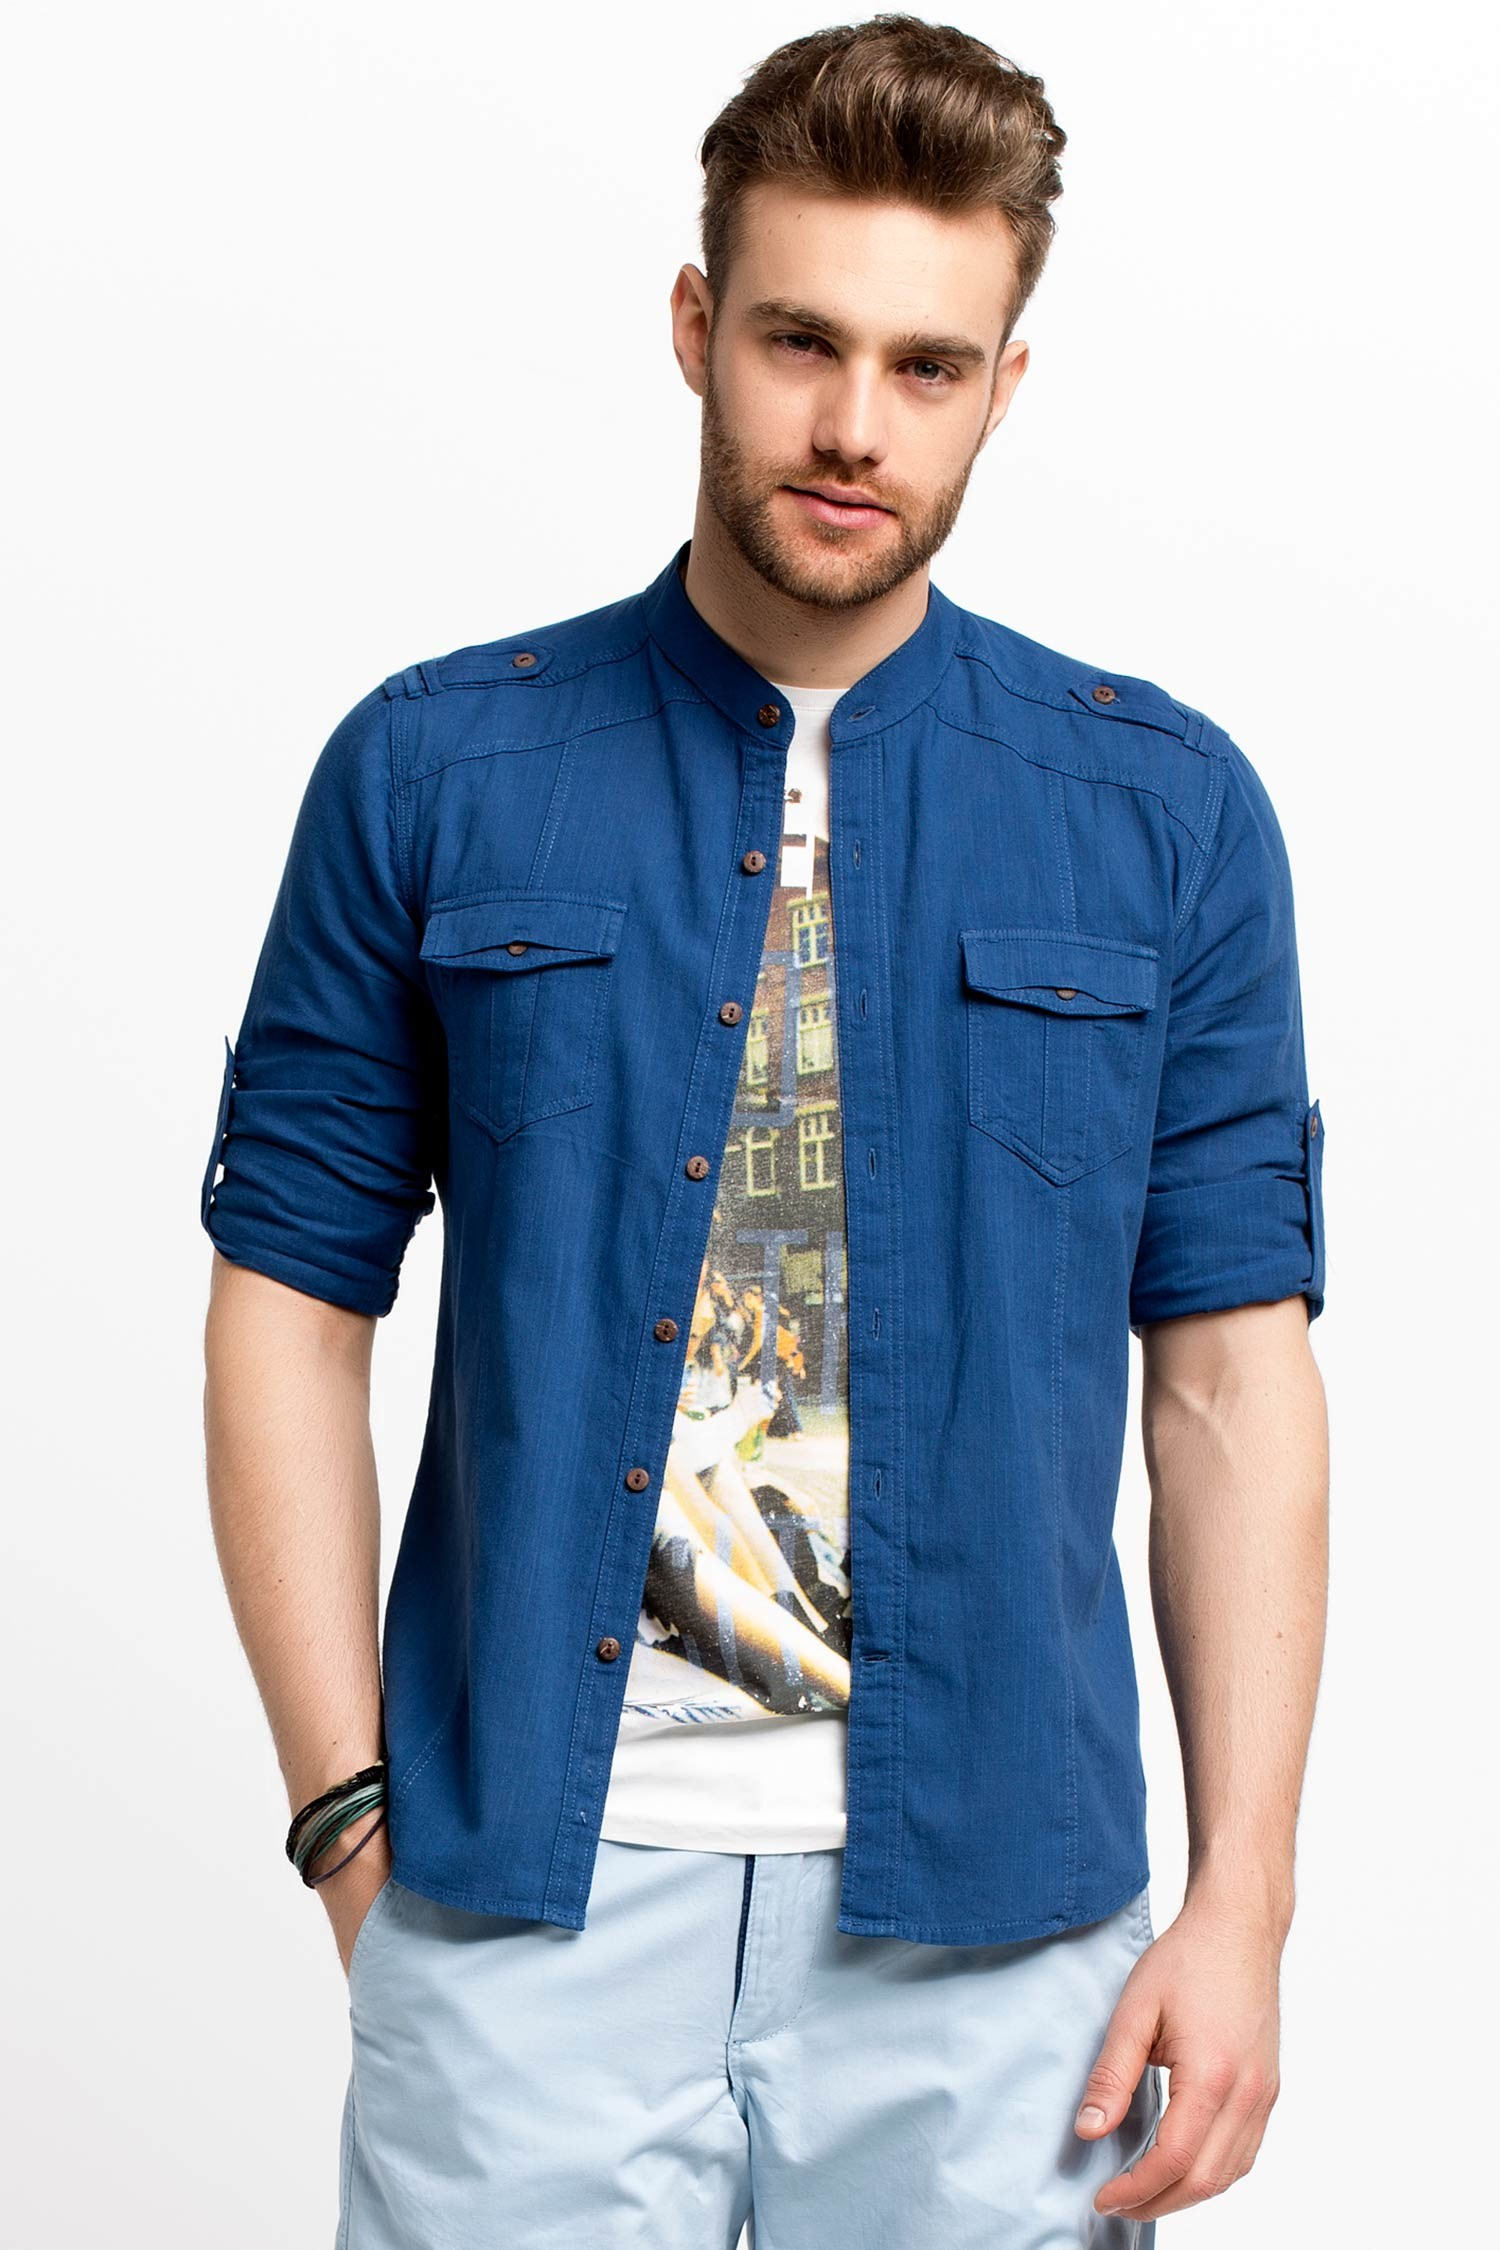 بالصور قميص رجالي , اختيار القميص المناسب من اسرار جذب النساء 1498 7